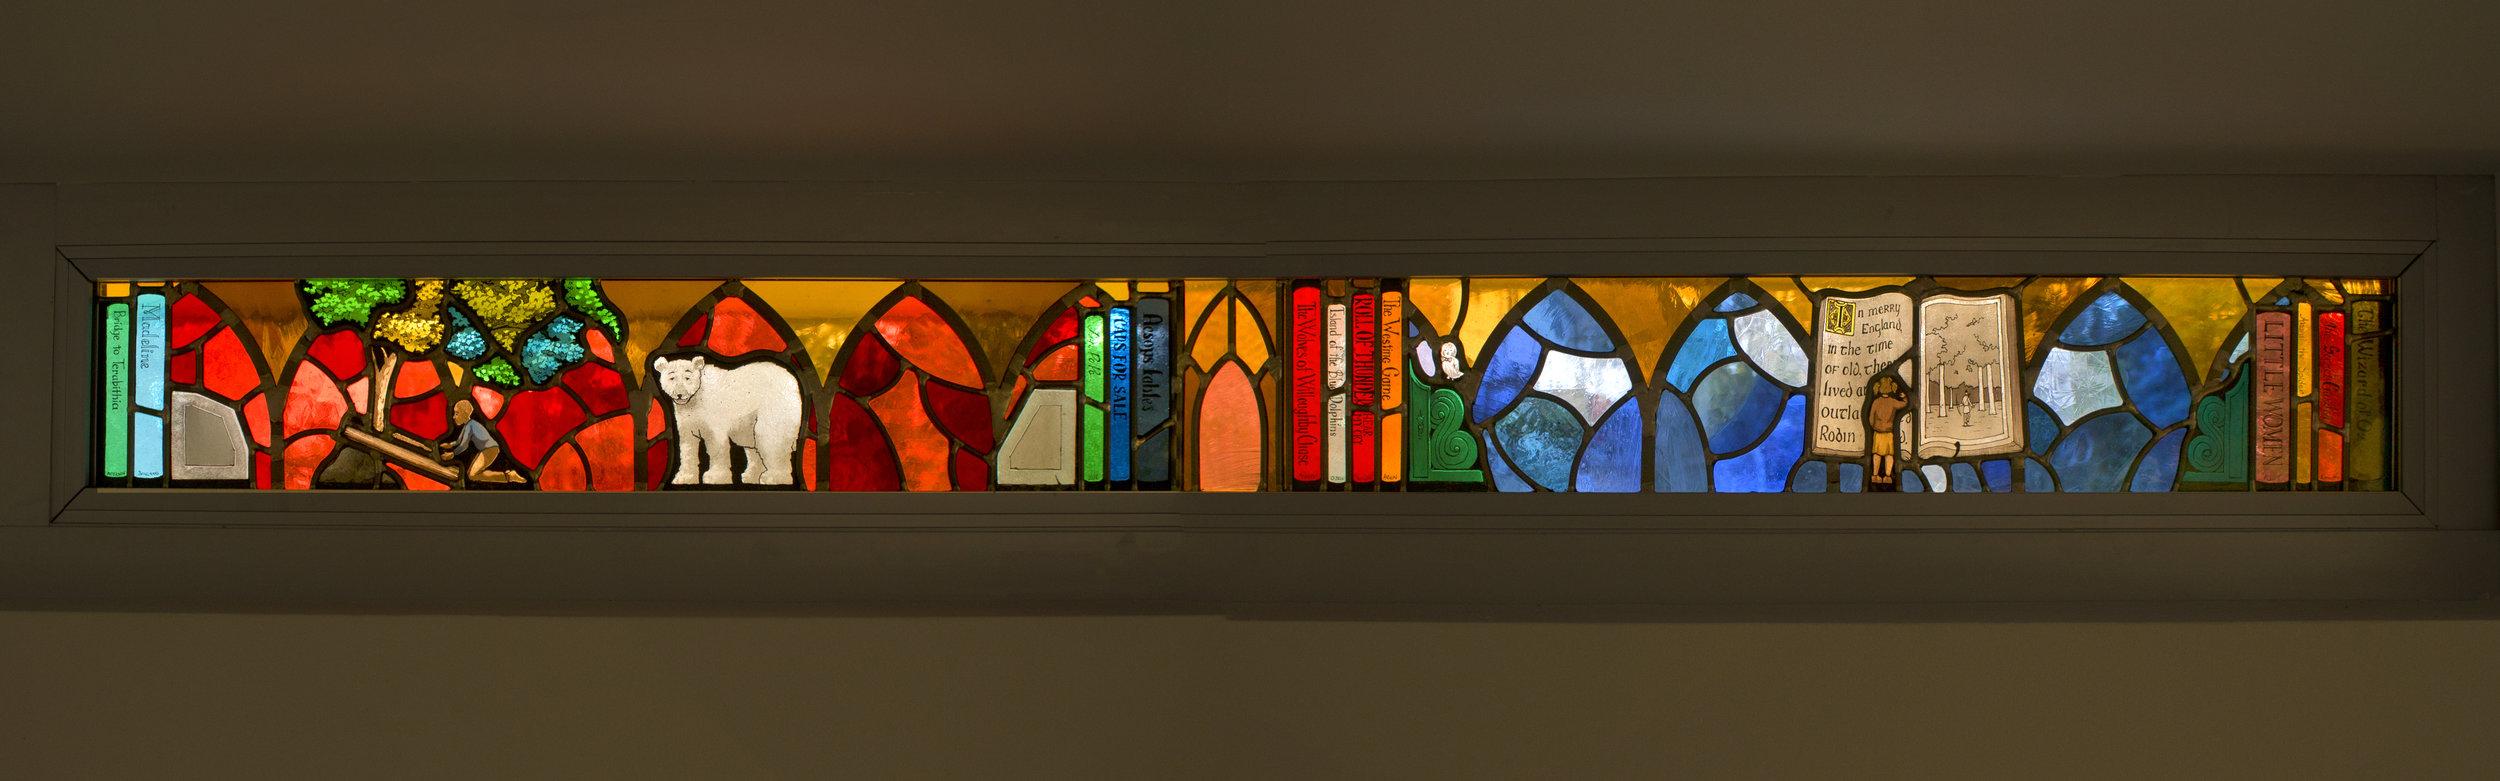 Explore Panel 3, Lovett Library, Philadelphia